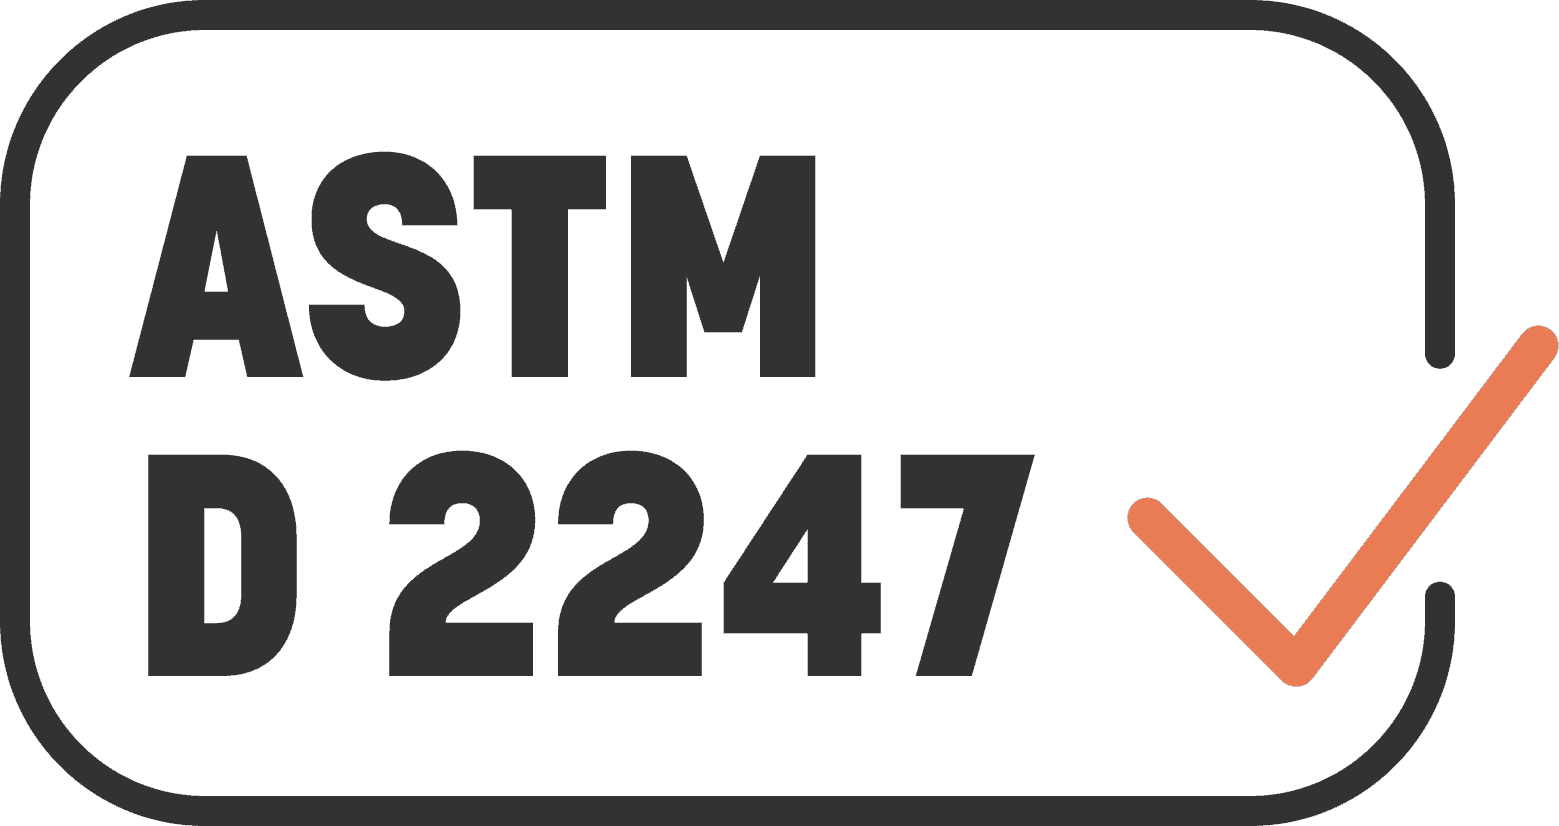 ASTM D 2247